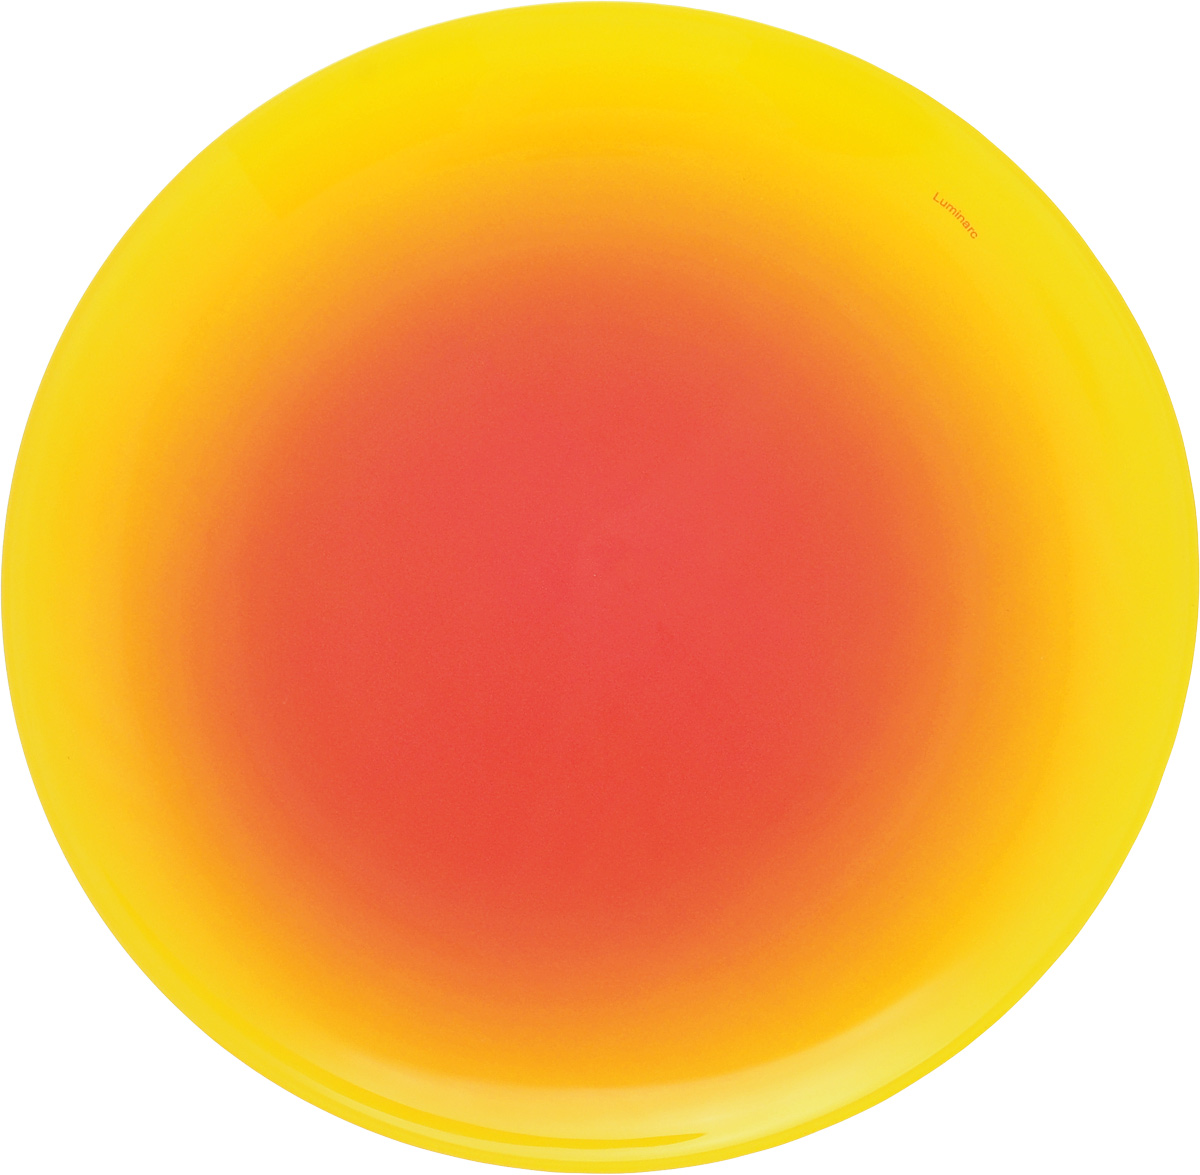 Тарелка десертная Luminarc Fizz Lemon, диаметр 20 смFS-91909Десертная тарелка Luminarc Fizz Lemon, изготовленная изударопрочного стекла, декорирована градиентным рисунком. Такая тарелка прекрасно подходит как дляторжественных случаев, так и для повседневногоиспользования. Идеальна для подачи десертов, пирожных, тортов имногого другого. Она прекрасно оформит стол и станетотличным дополнением к вашей коллекции кухоннойпосуды. Диаметр тарелки: 20 см. Высота тарелки: 1,5 см.